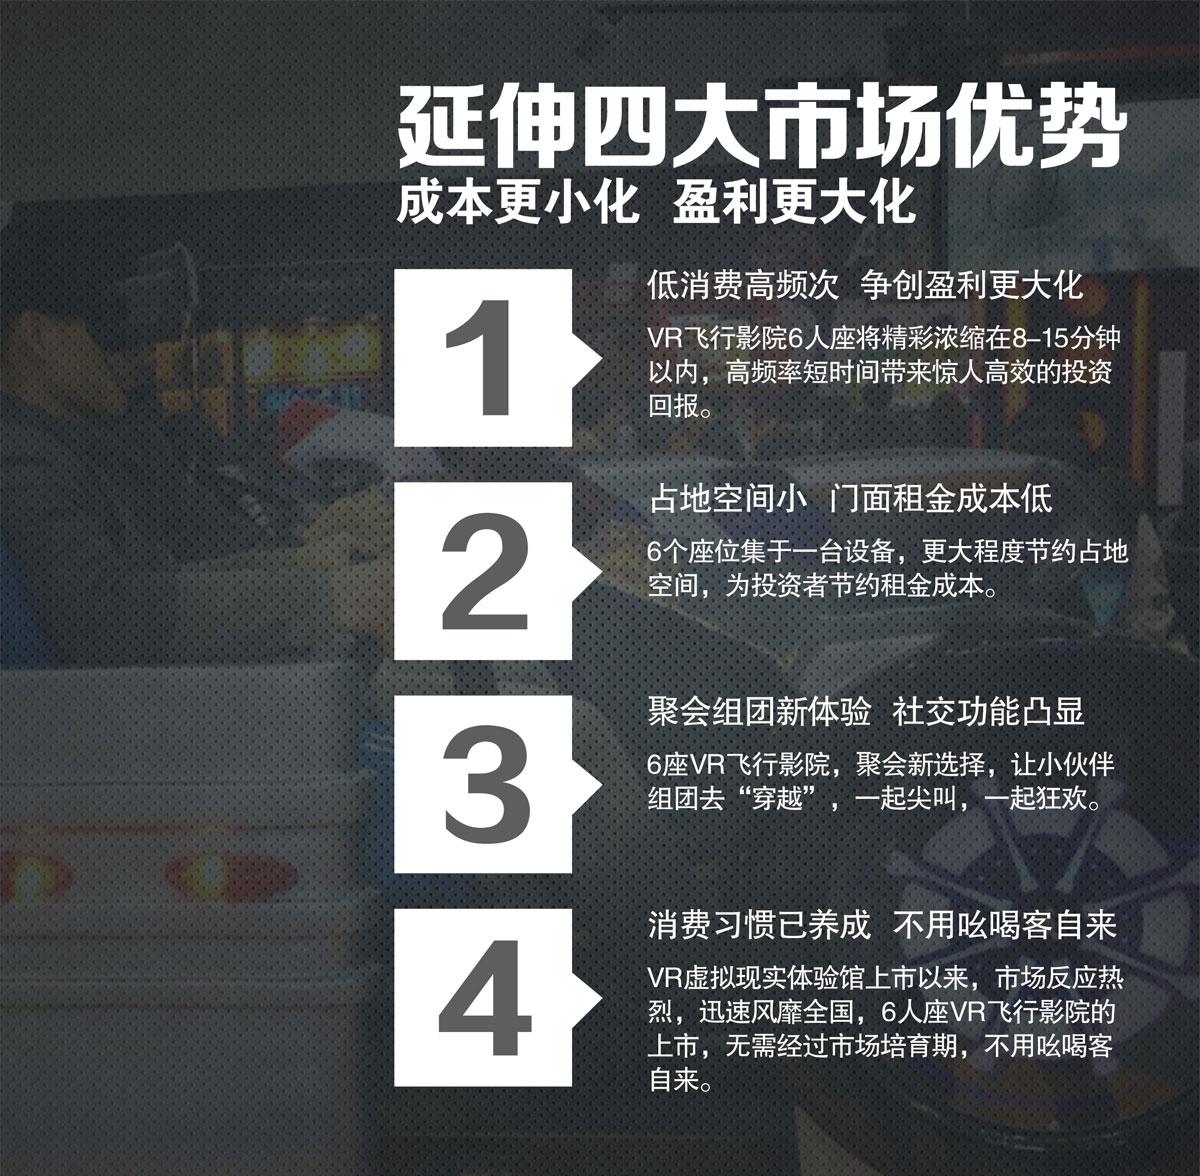 安全体验VR飞行体验延伸四大市场优势.jpg